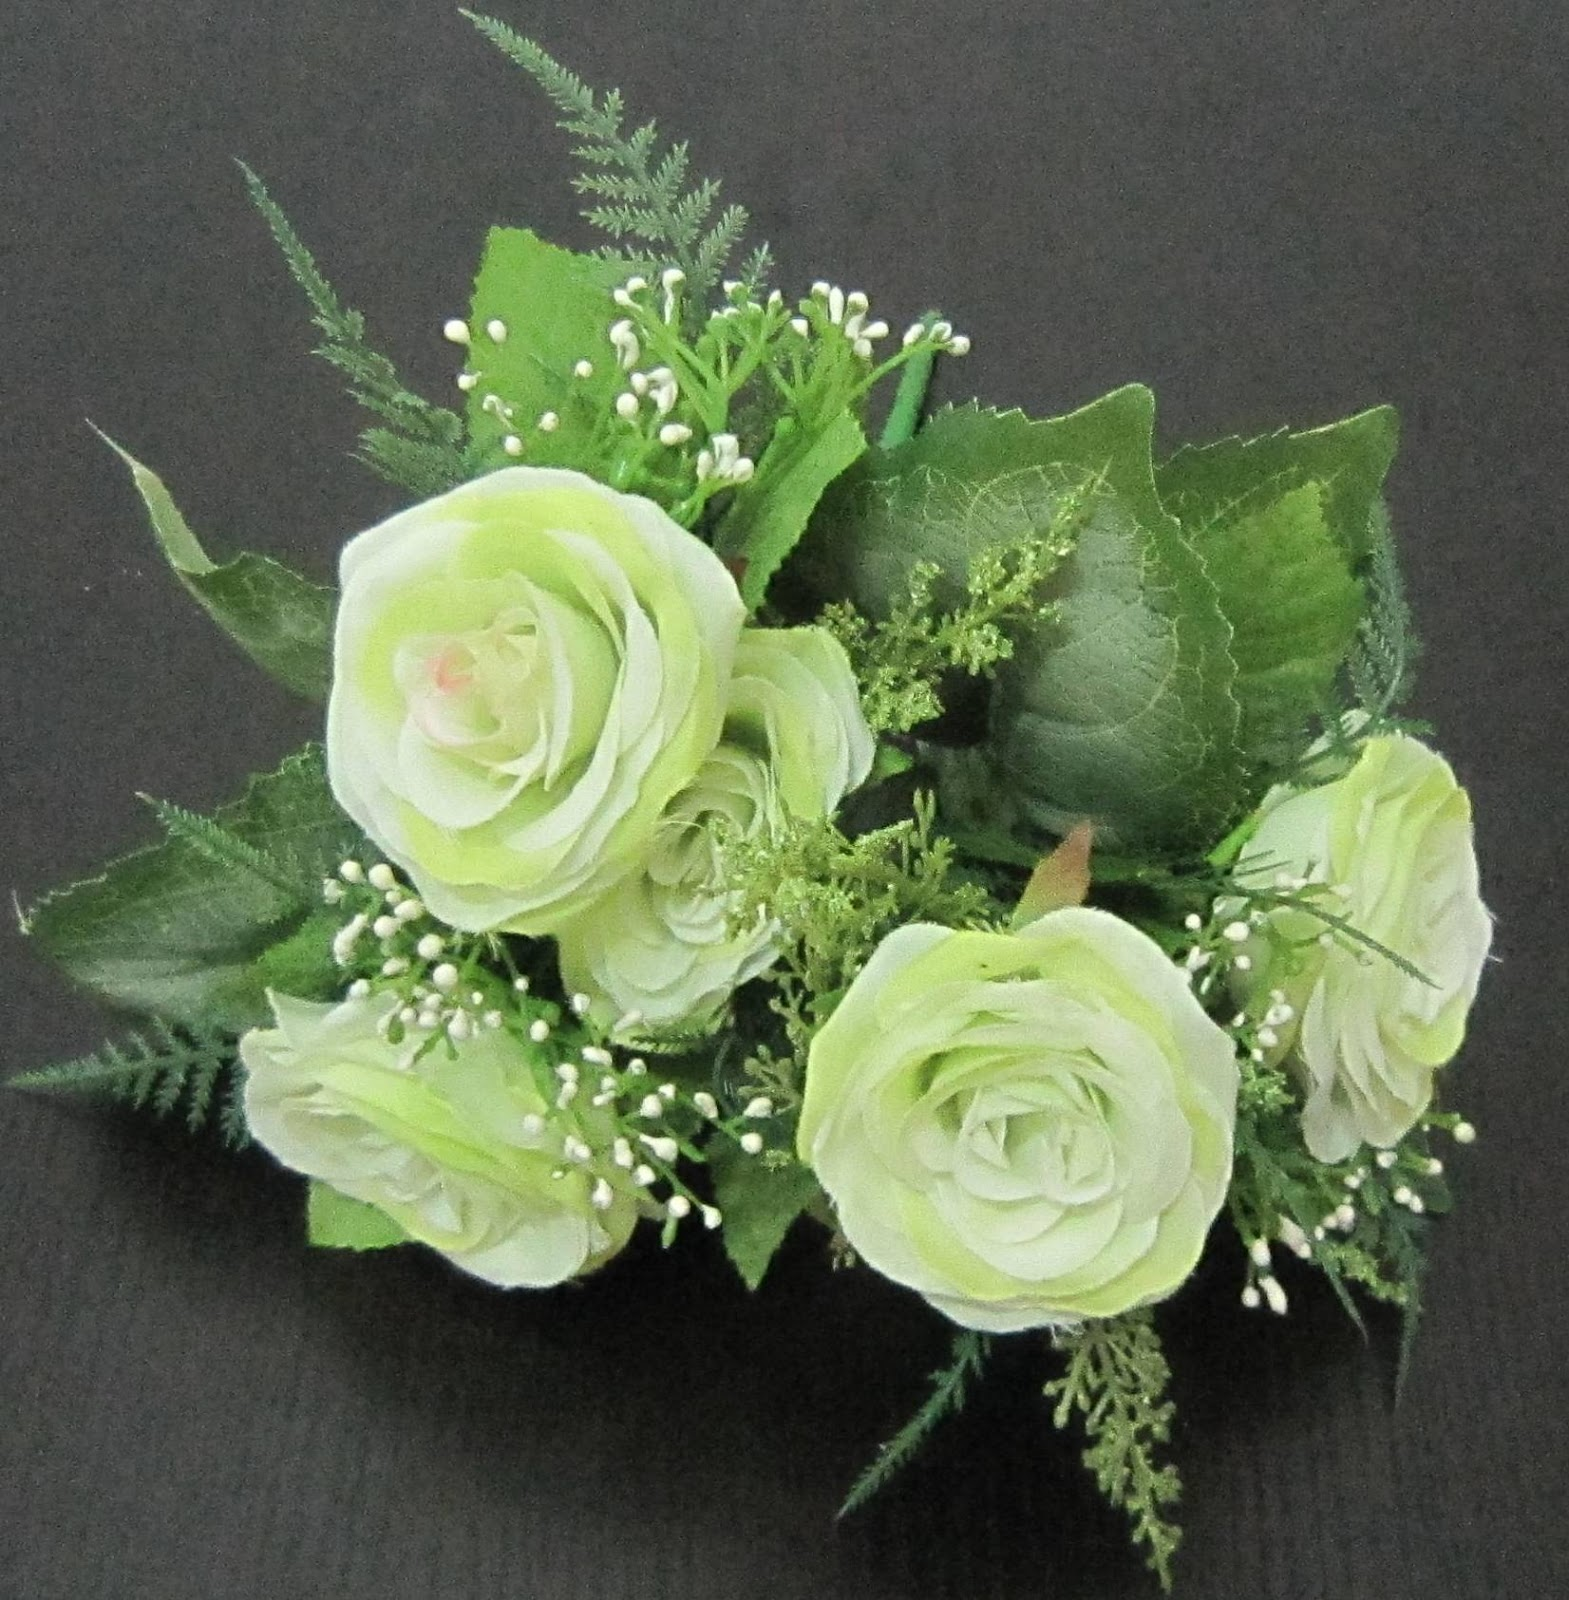 Hình ảnh hoa hồng xanh lá cây